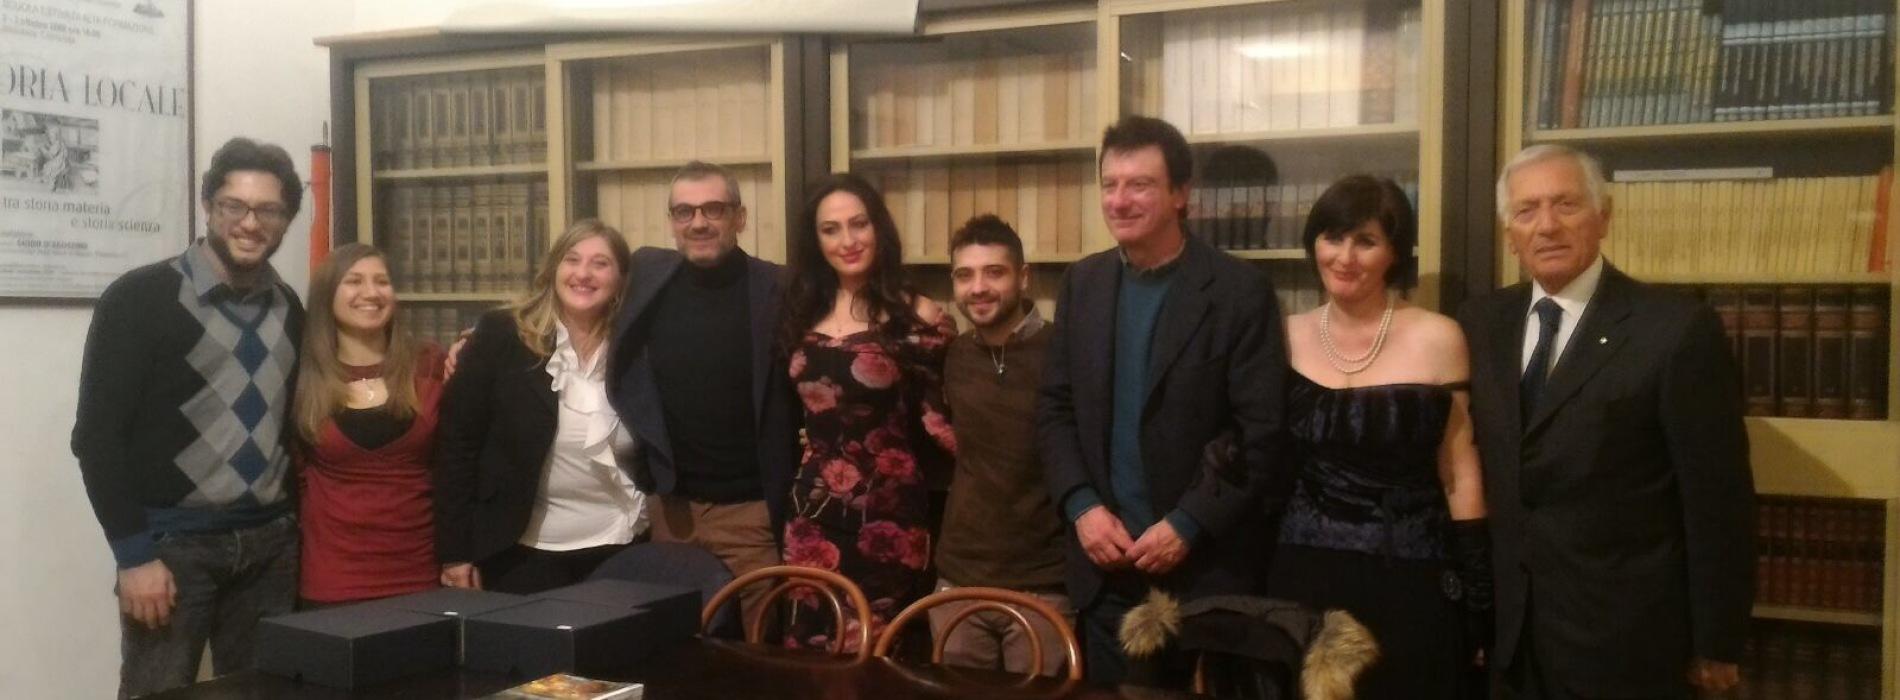 Piedimonte Matese, a Ottavio Lucarelli il premio Bruno Miselli